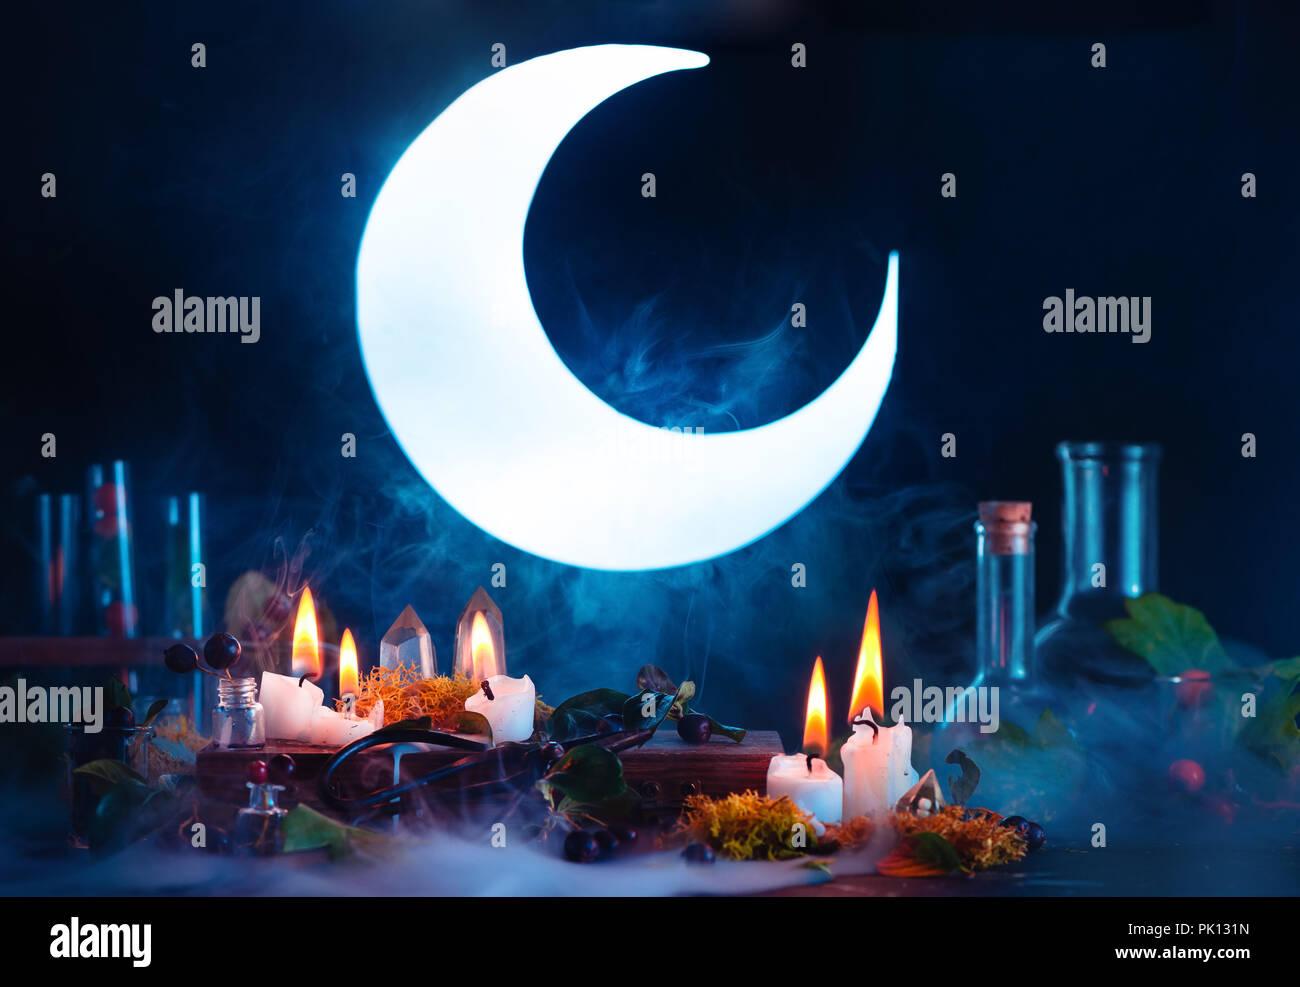 Halloween Header mit strahlenden Vollmond. Hexe oder Zauberer Arbeitsplatz mit brennenden Kerzen. Gespenstisch still life Konzept auf einem dunklen Hintergrund mit Kopie spac Stockbild